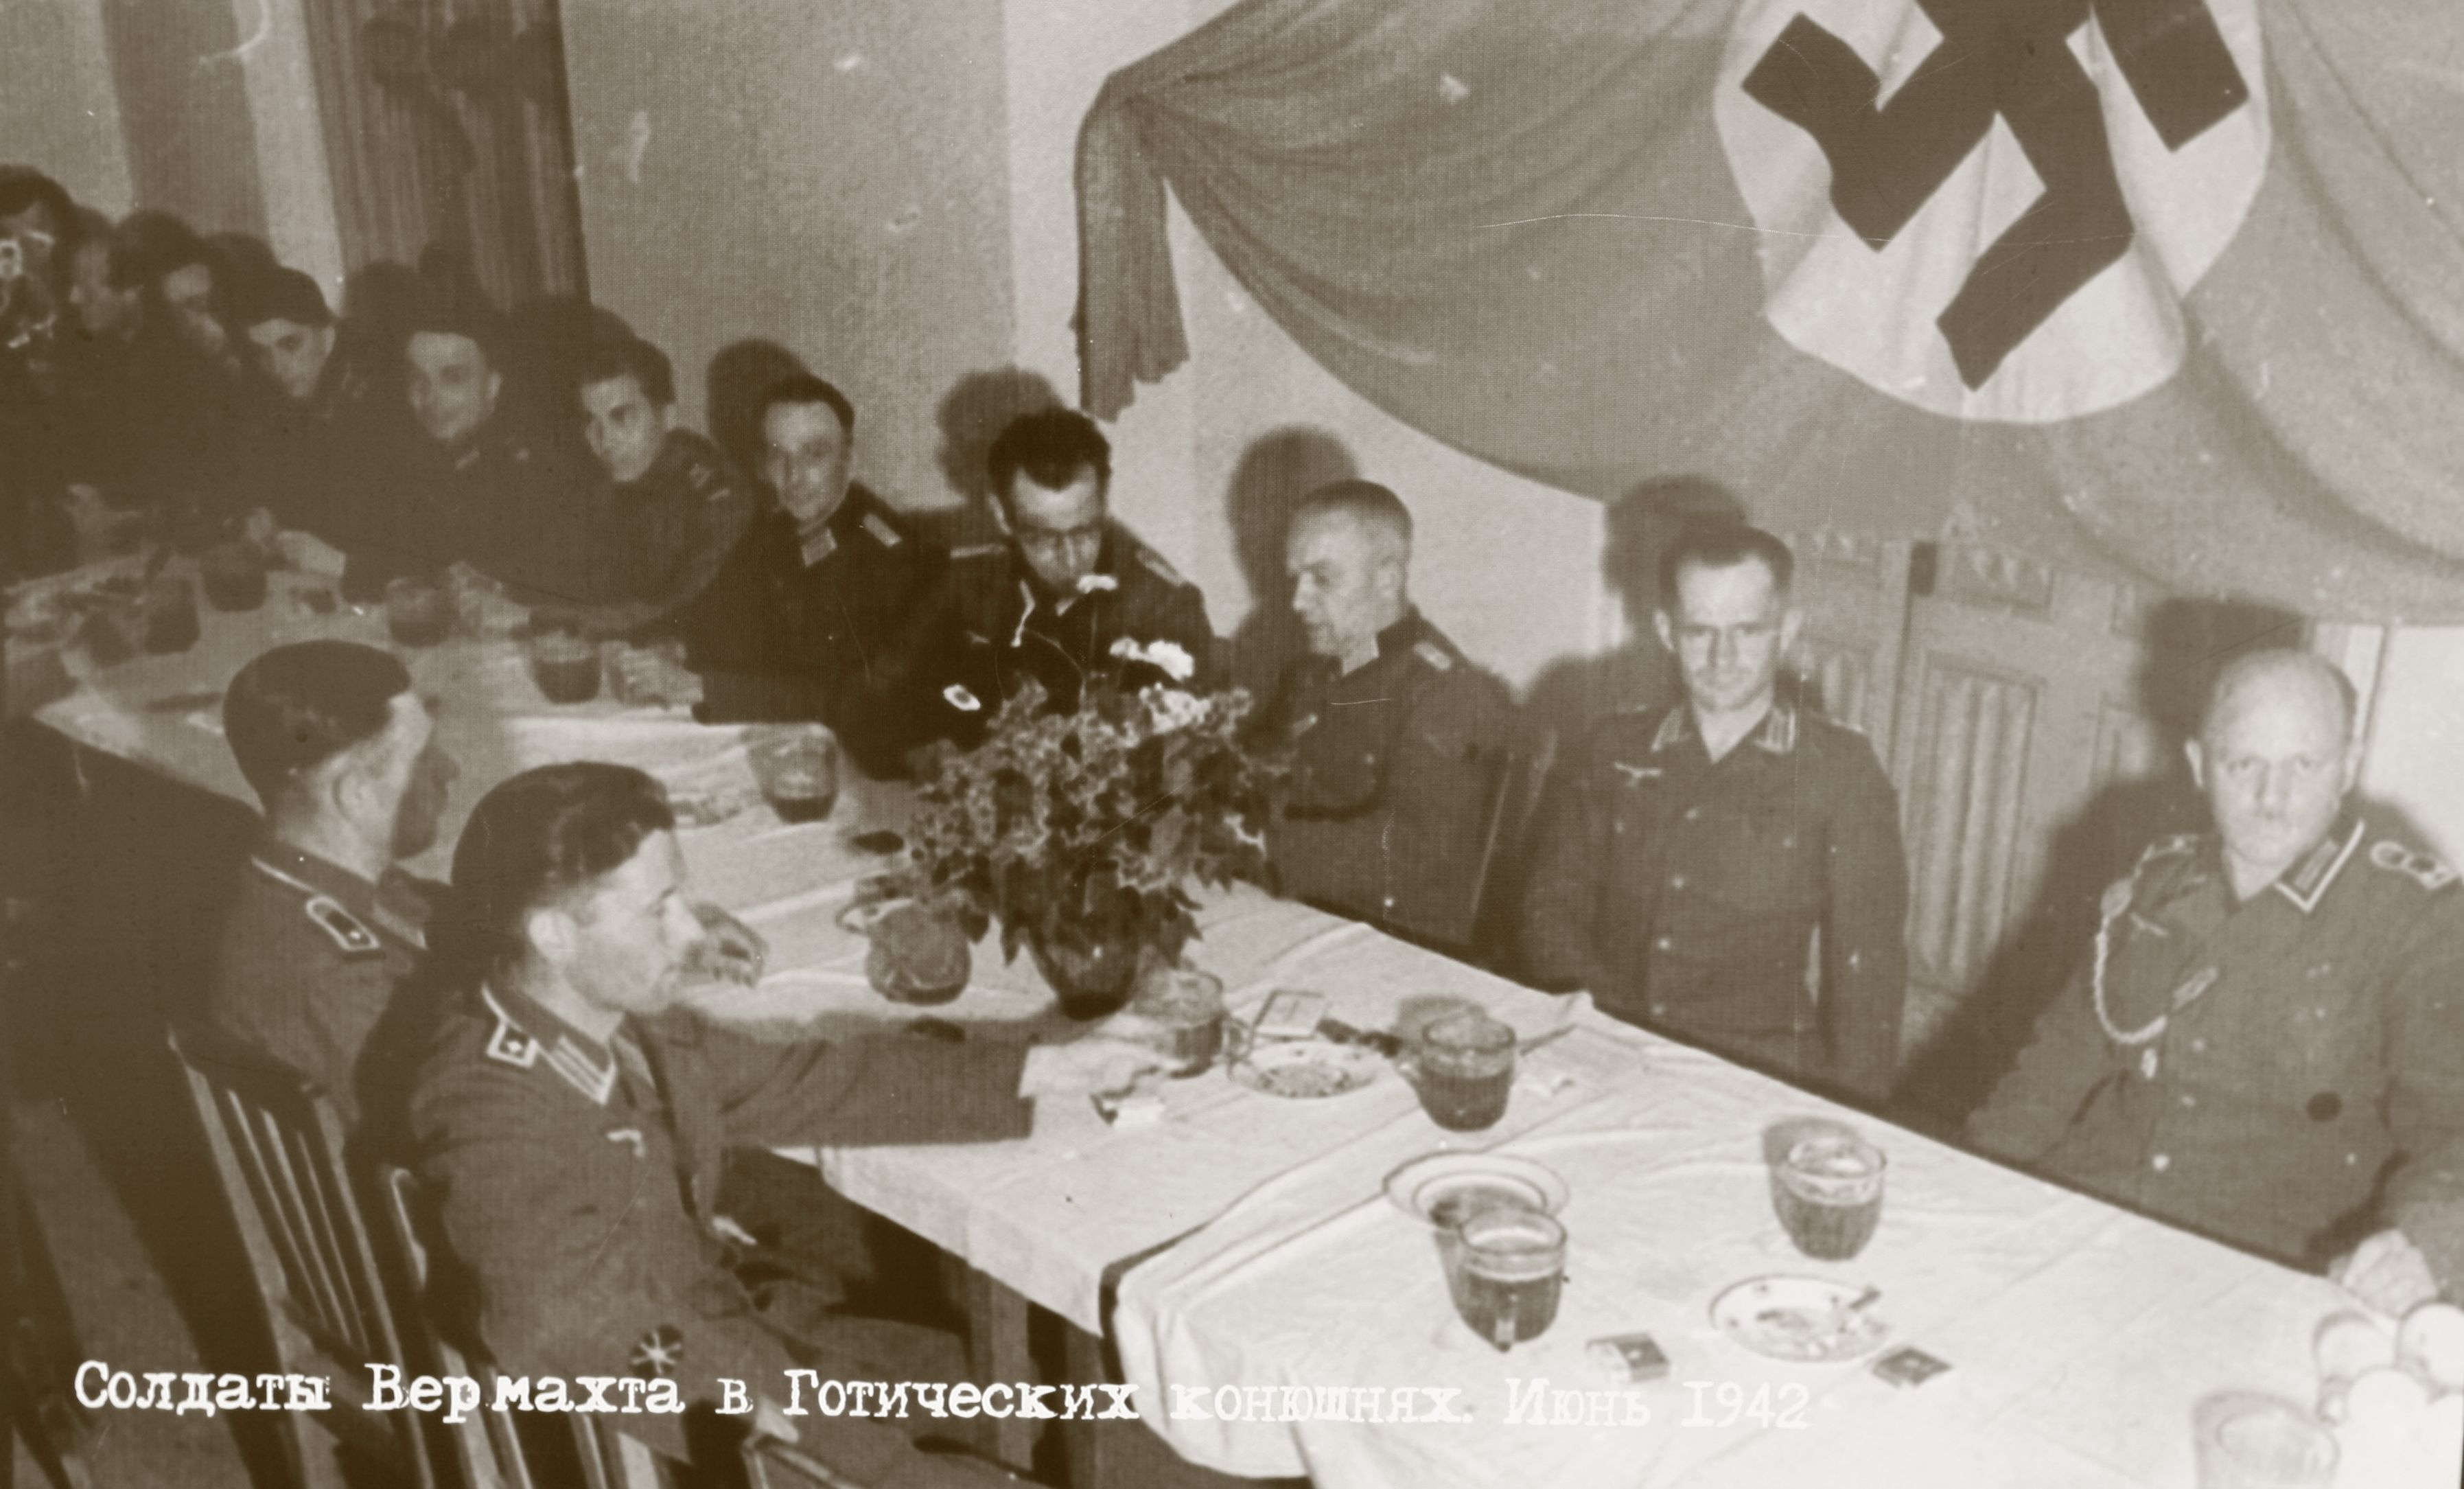 1942. В Готических конюшнях